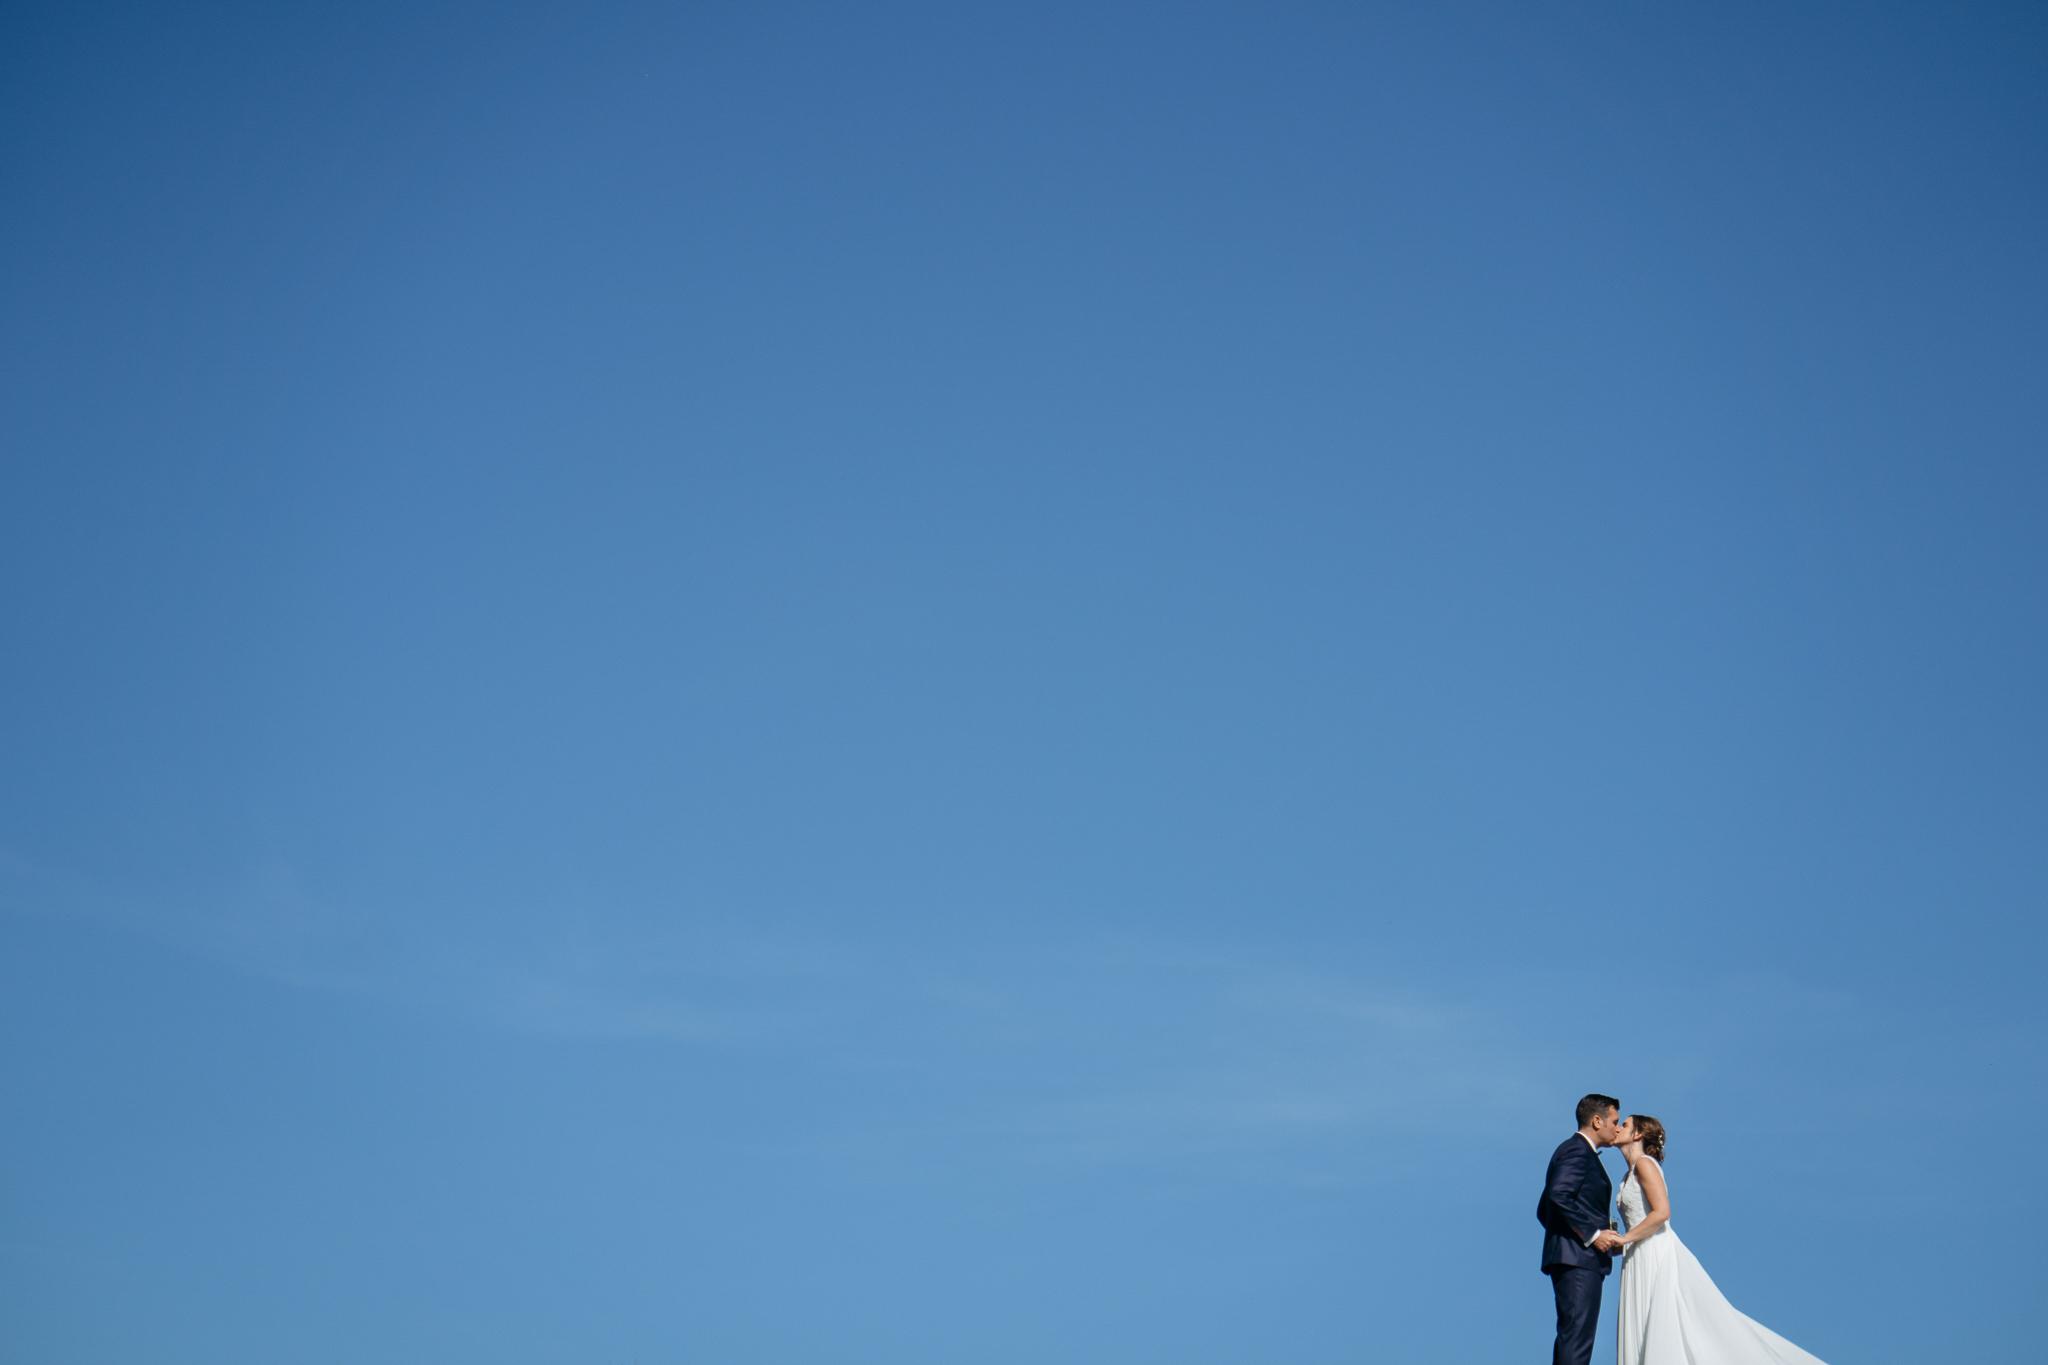 Brautpaar und weiter Himmel